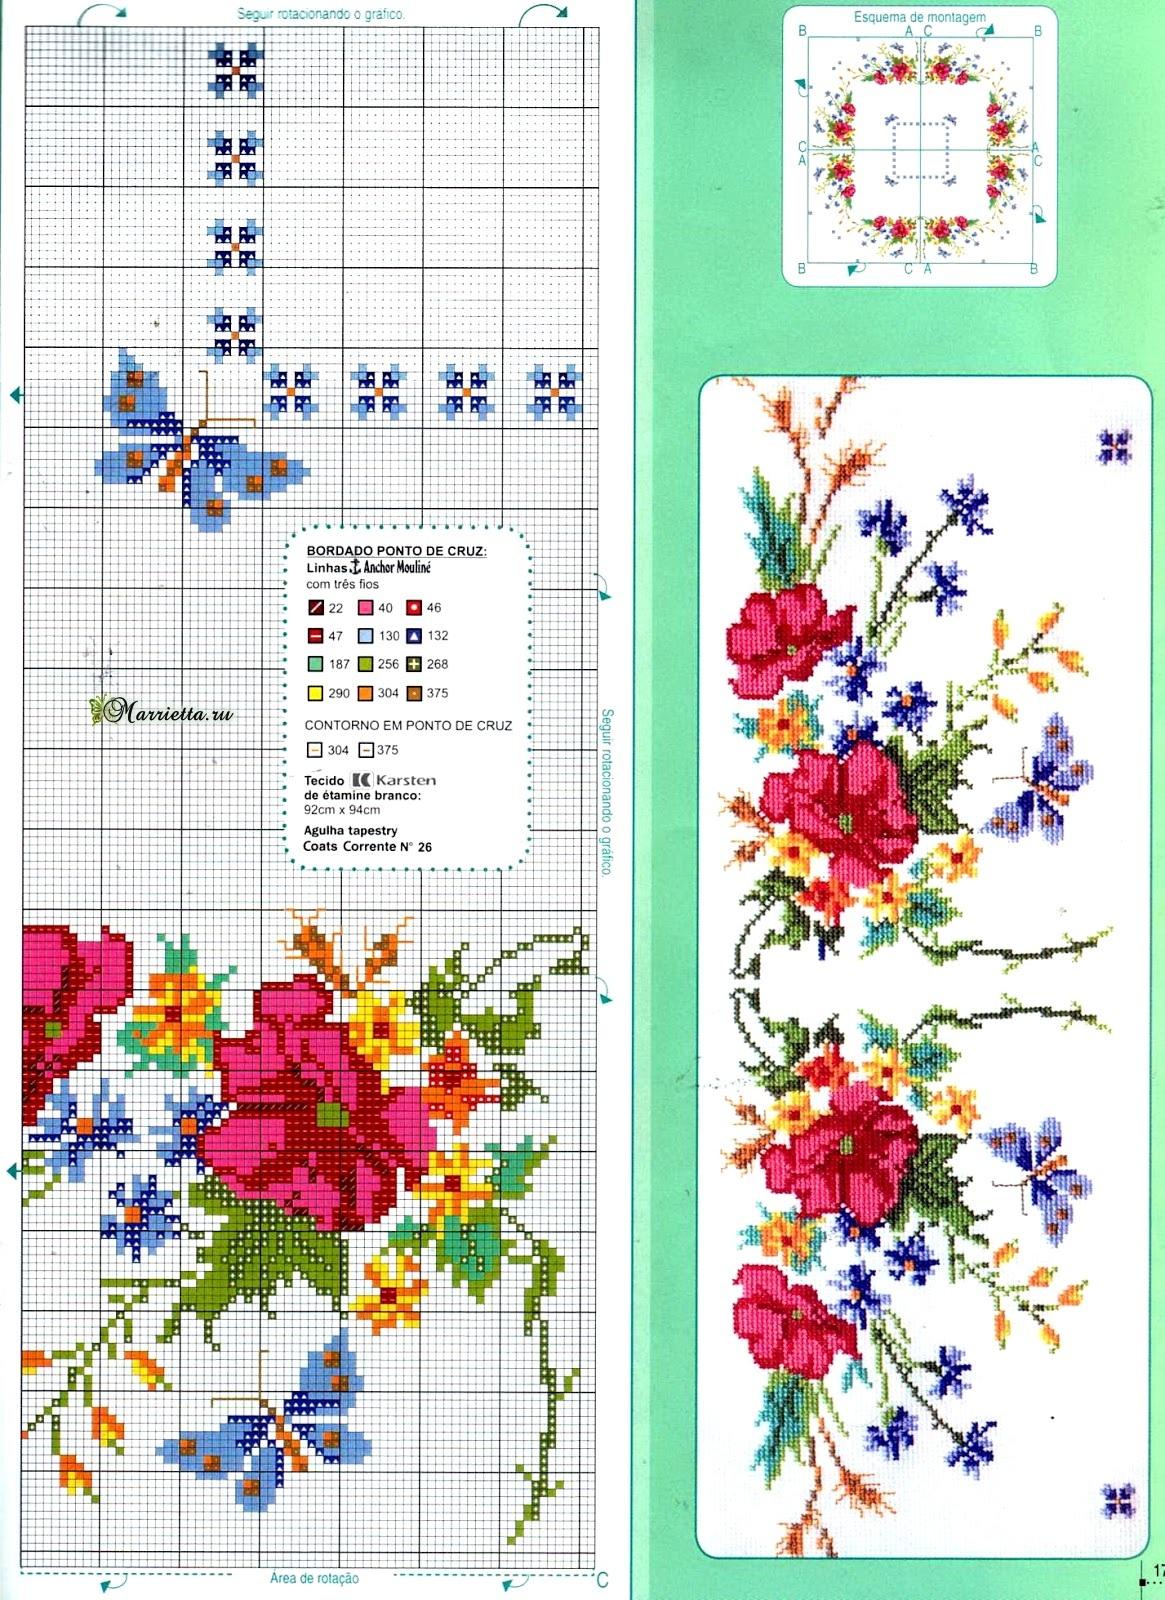 Цветы и бабочки на скатерти. Схема вышивки крестом (2)